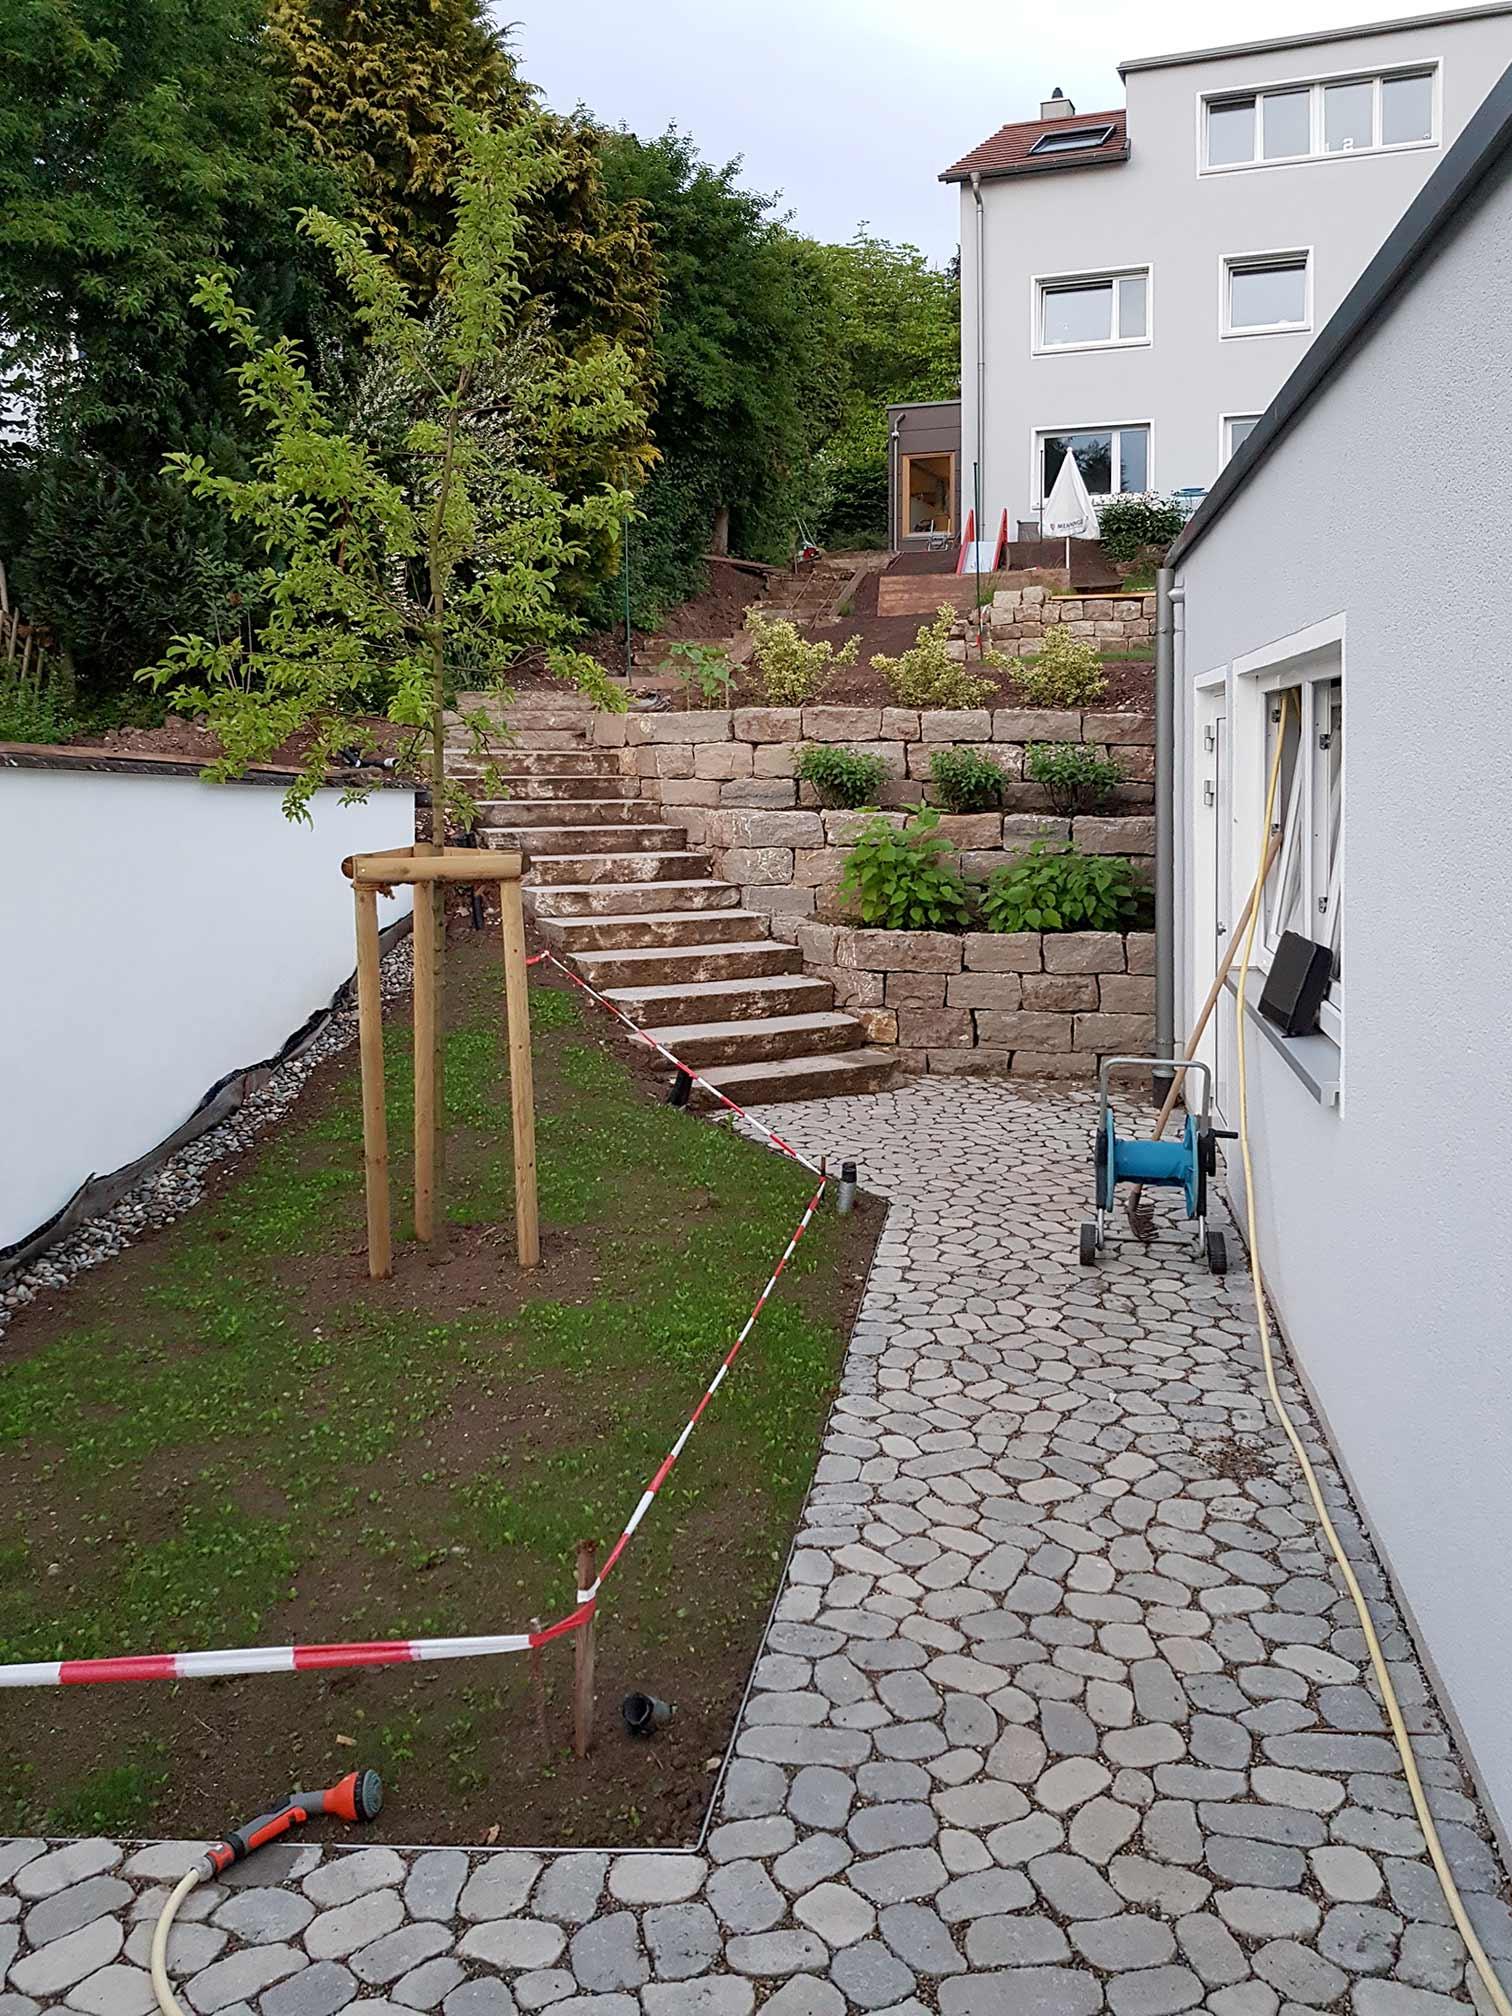 bolay-gartenbau_projekte_edel-zeitlos_bauabschnitt-1